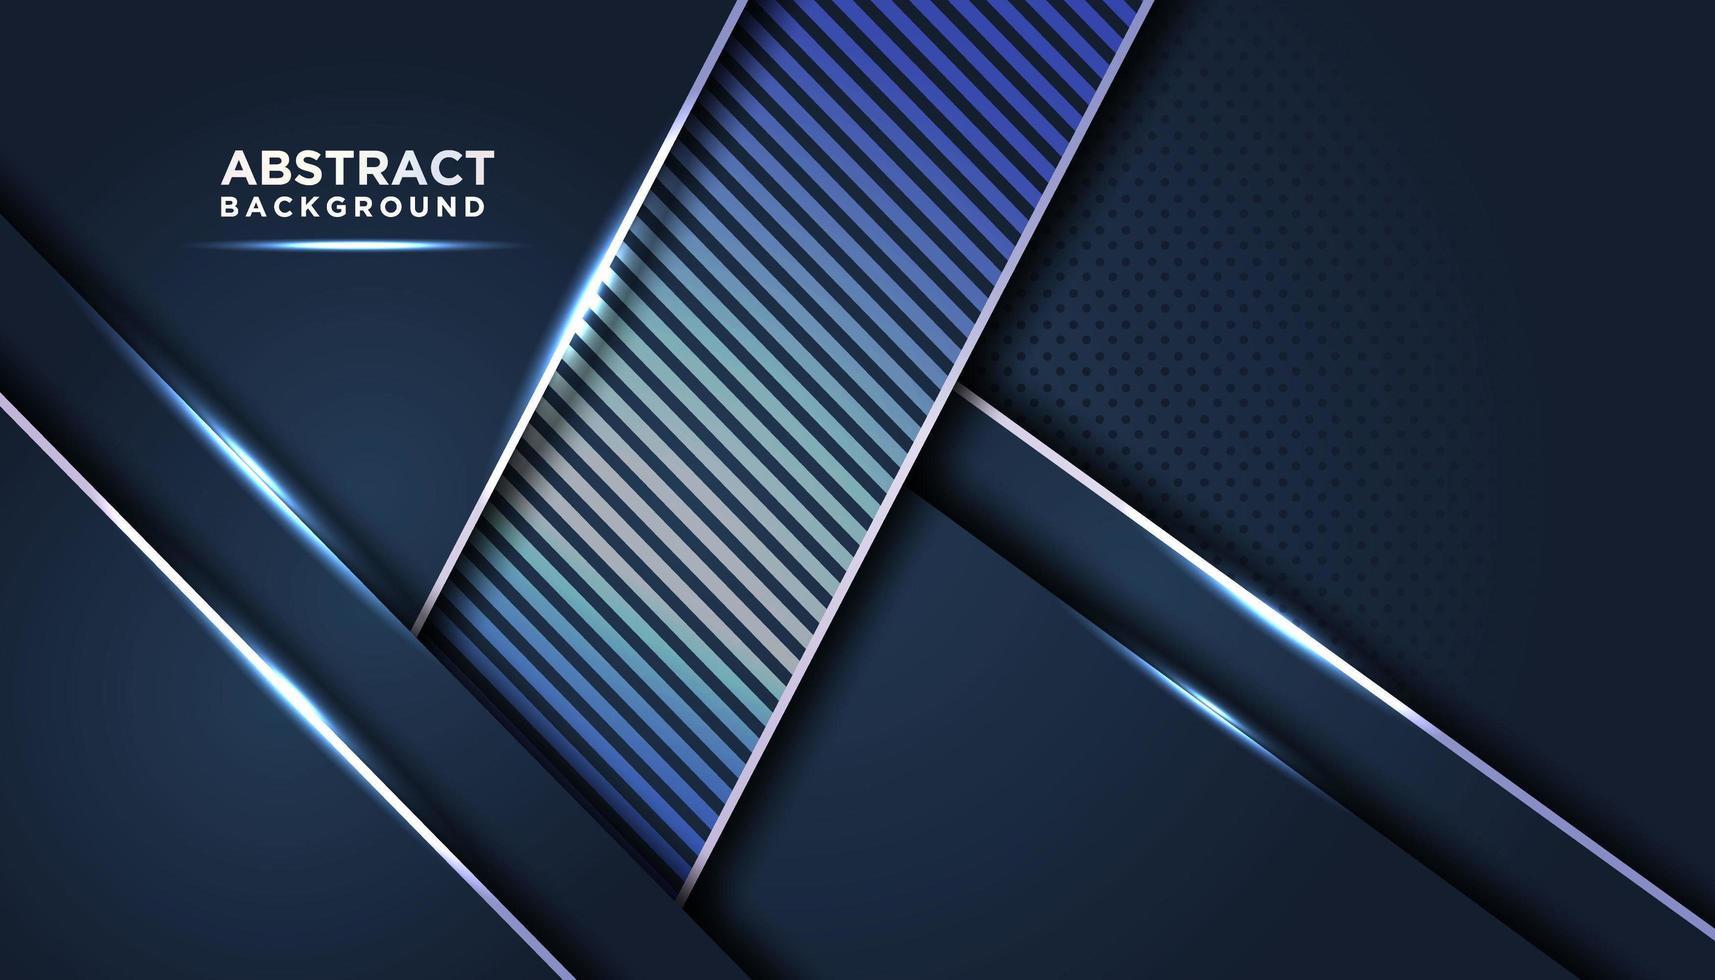 strati di sfondo astratto blu scuro con accento a strisce vettore